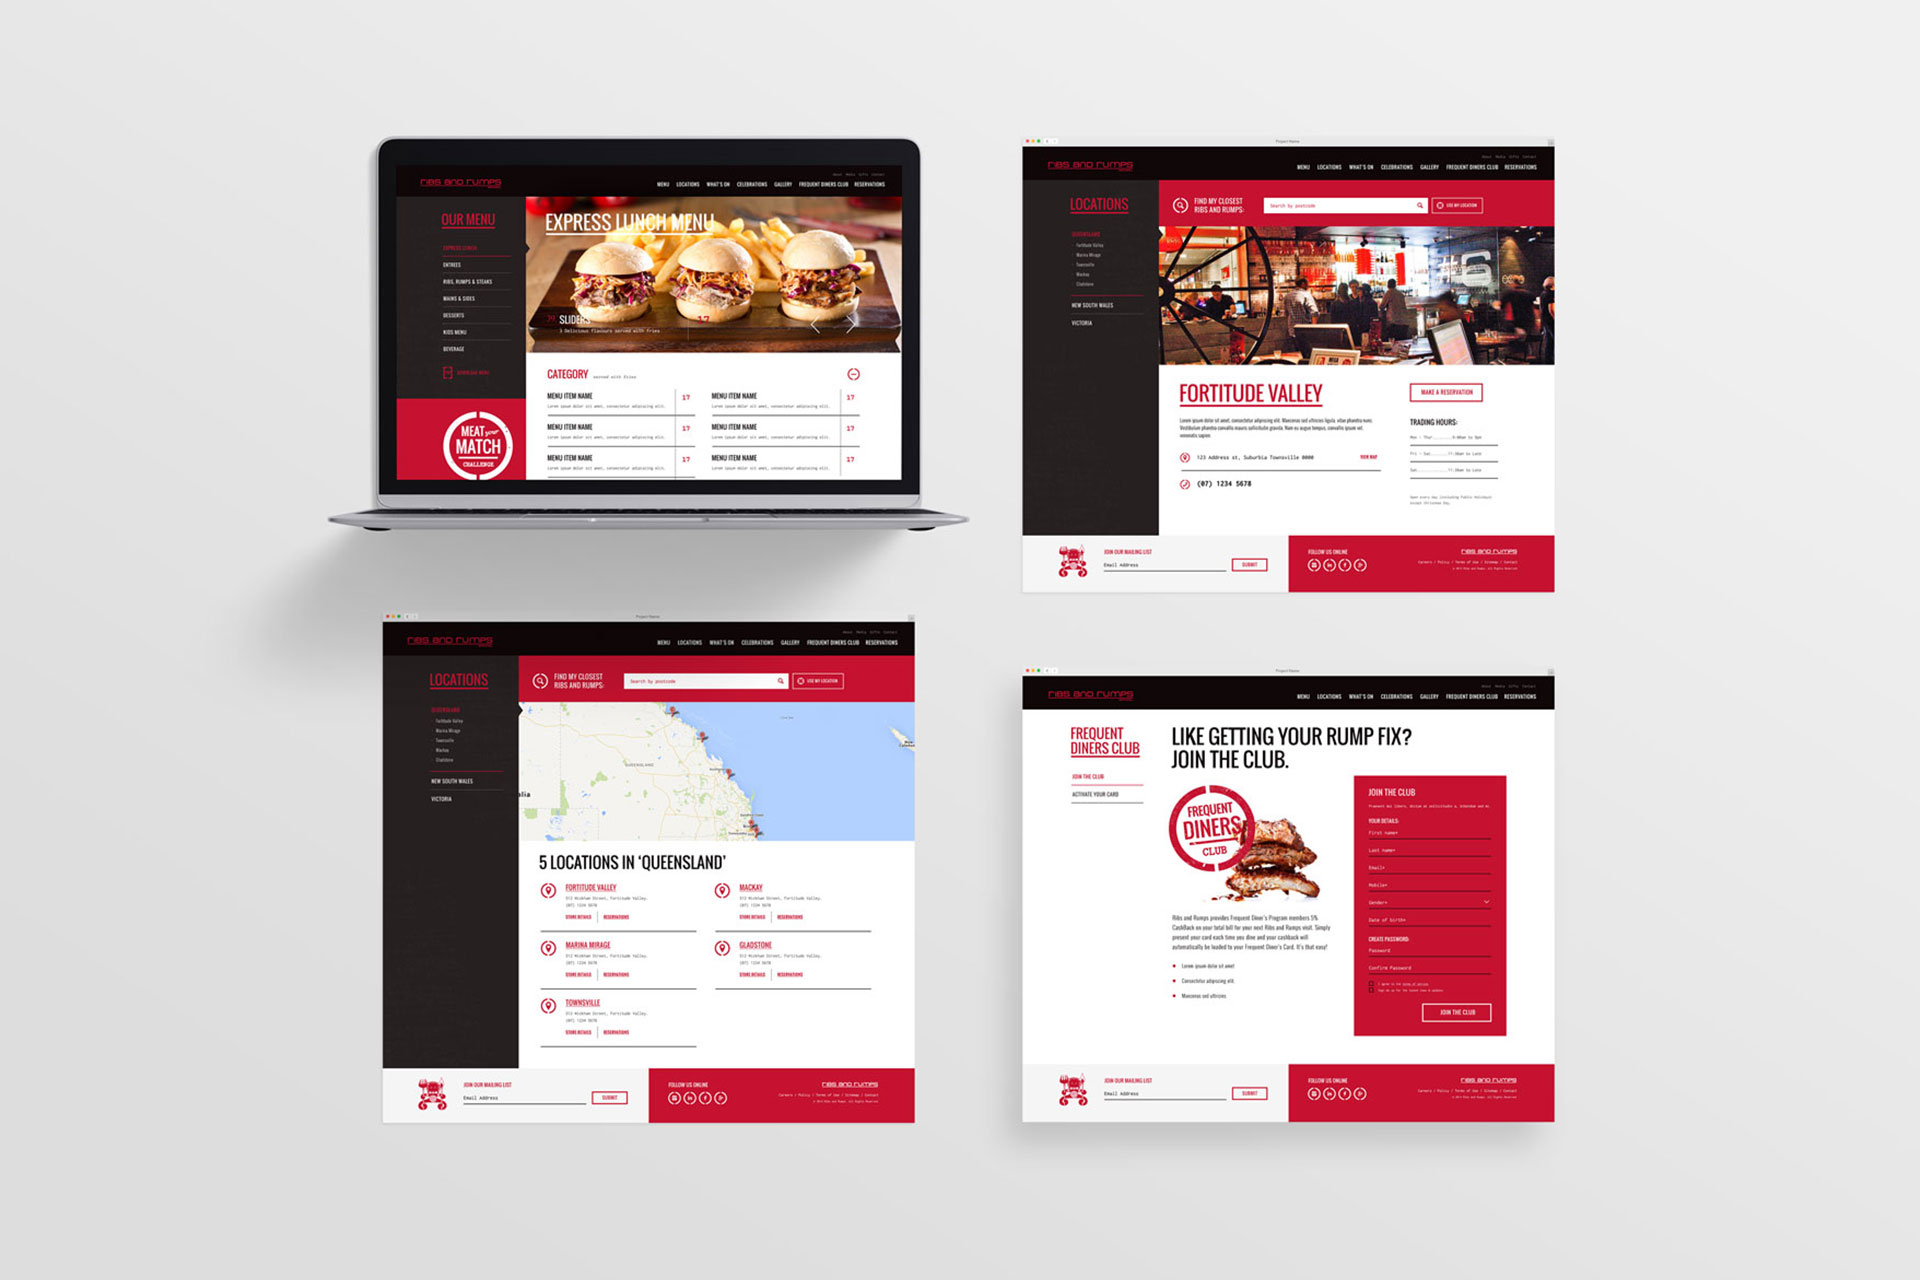 Ribs-n-Rumps-Website-Page-Design